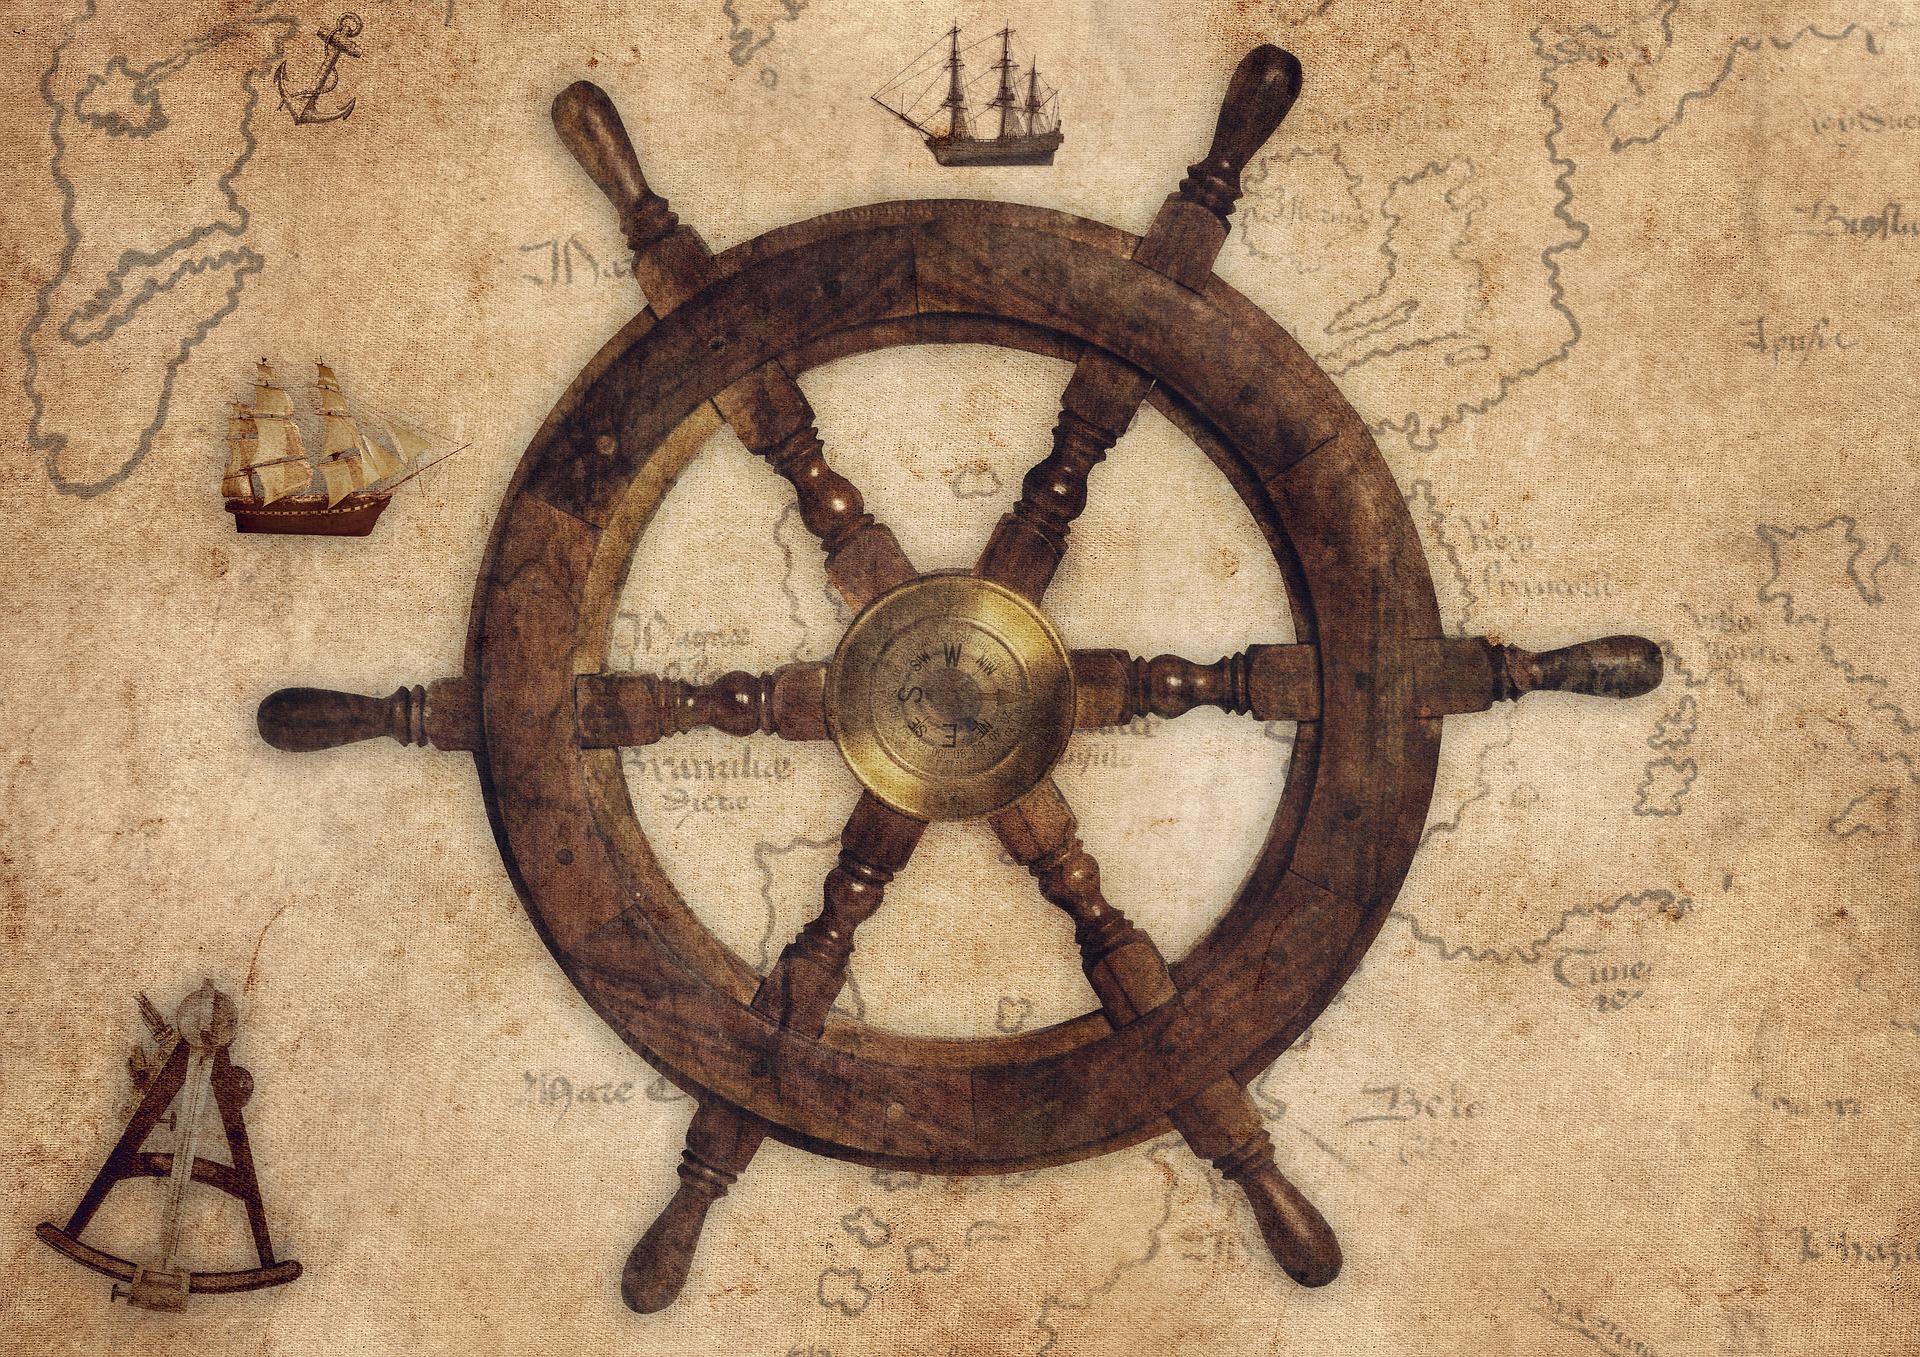 キャプテン・クックのオーストラリア上陸250周年記念はまさかのキャンセル続きでしたが…